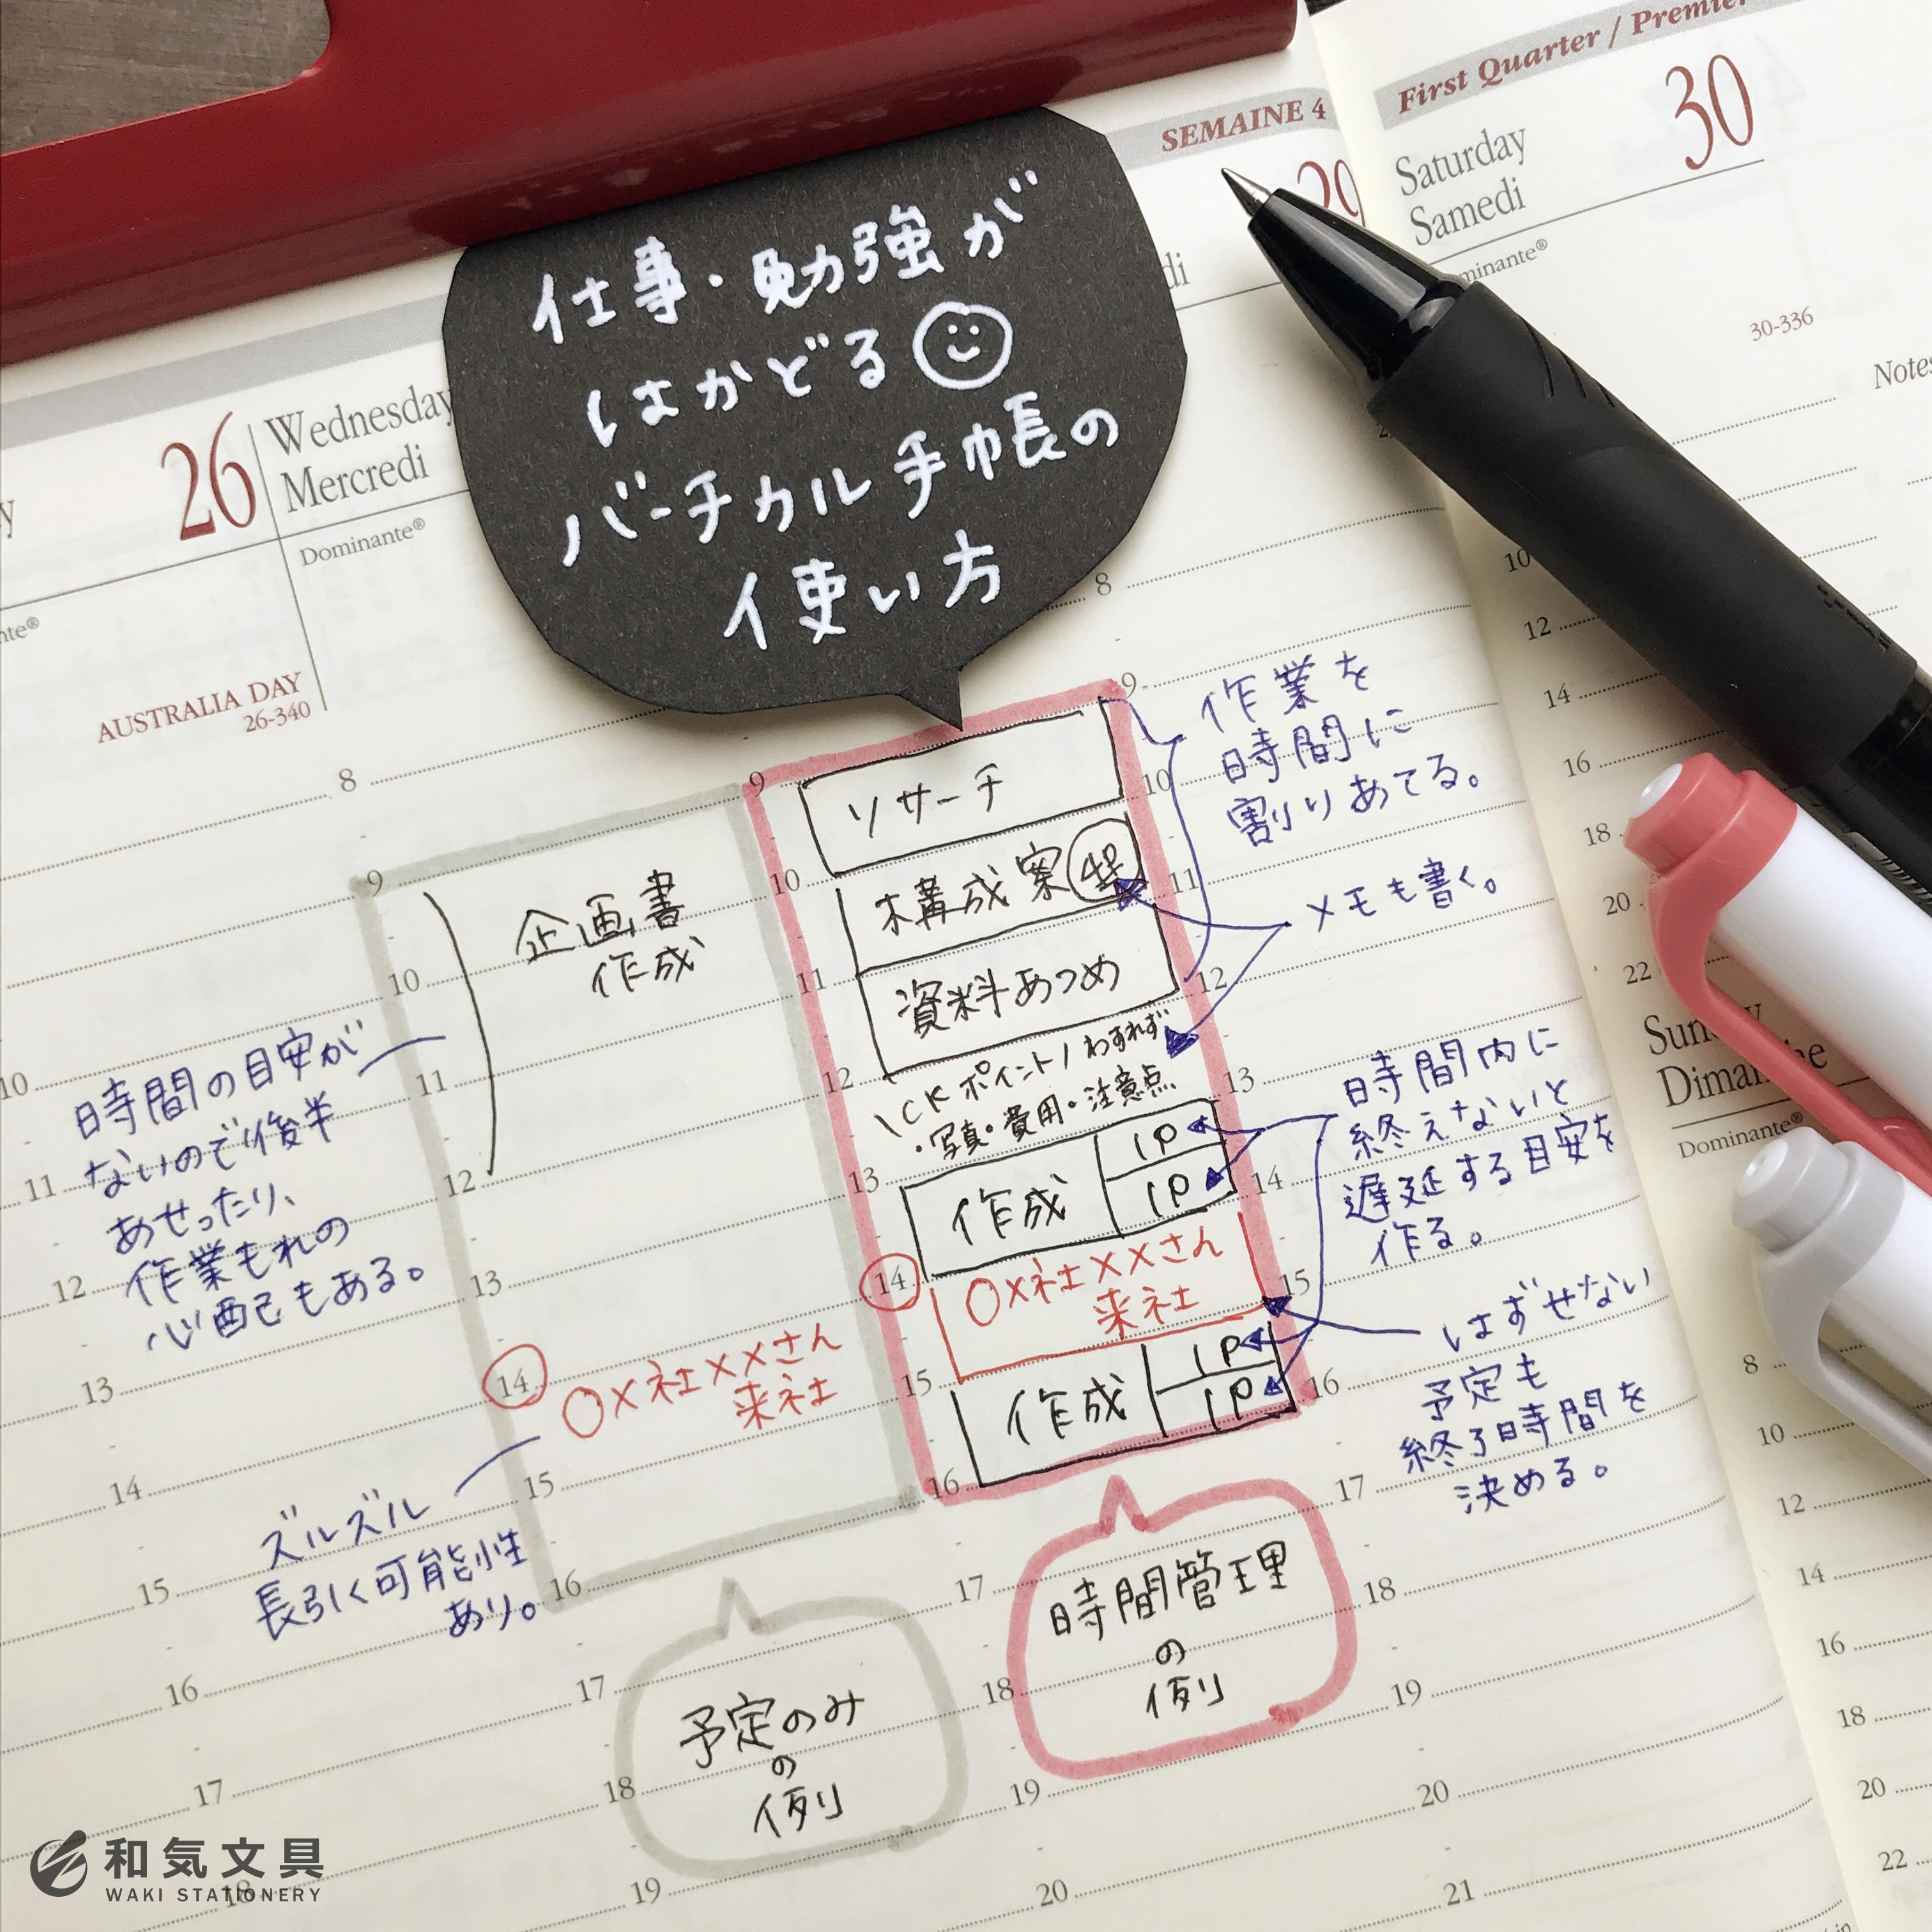 仕事・勉強がはかどるバーチカル手帳の使い方『自分で時間割』